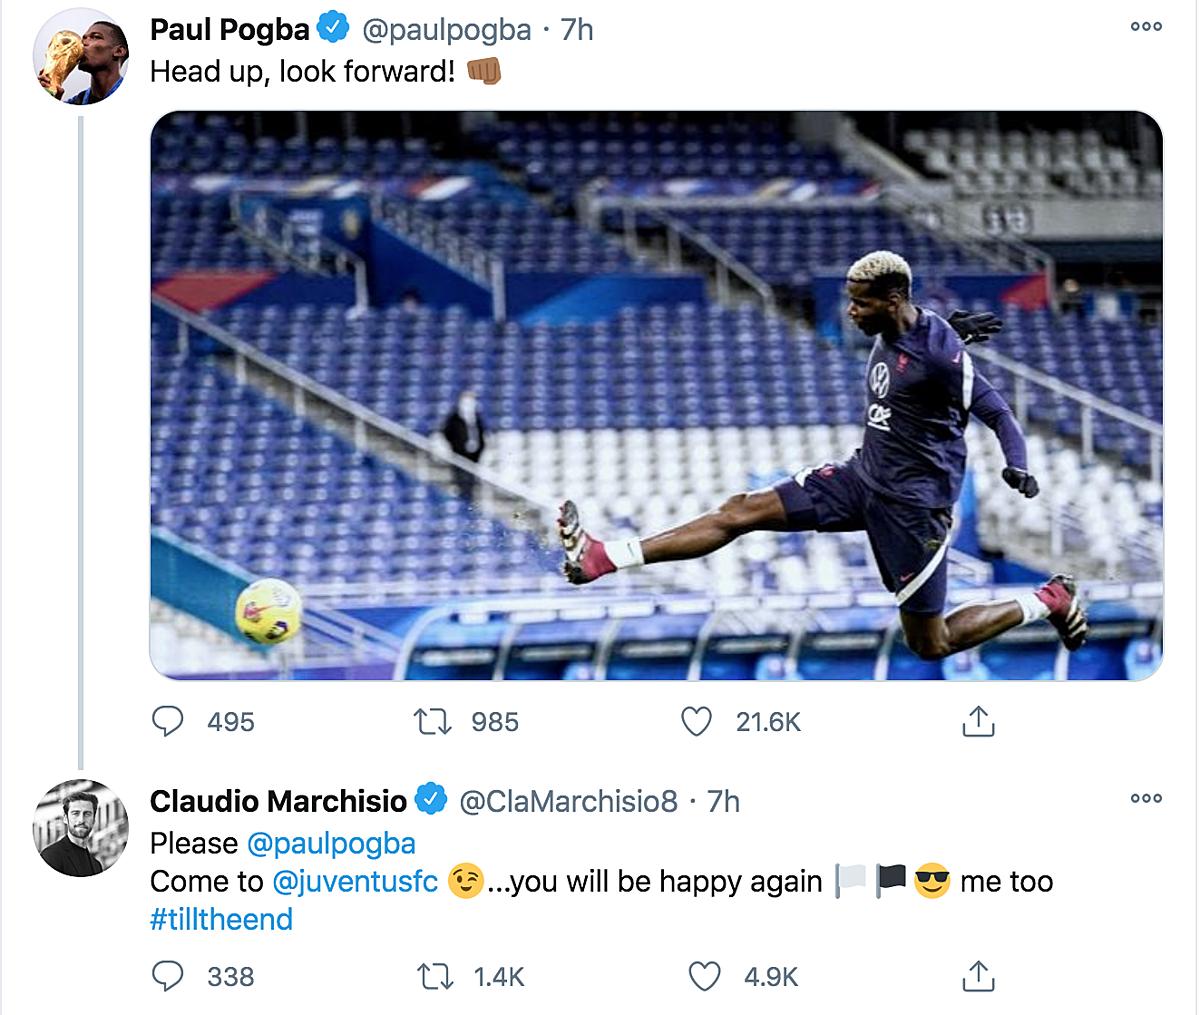 Marchisio bình luận bên dưới bài đăng của Pogba.